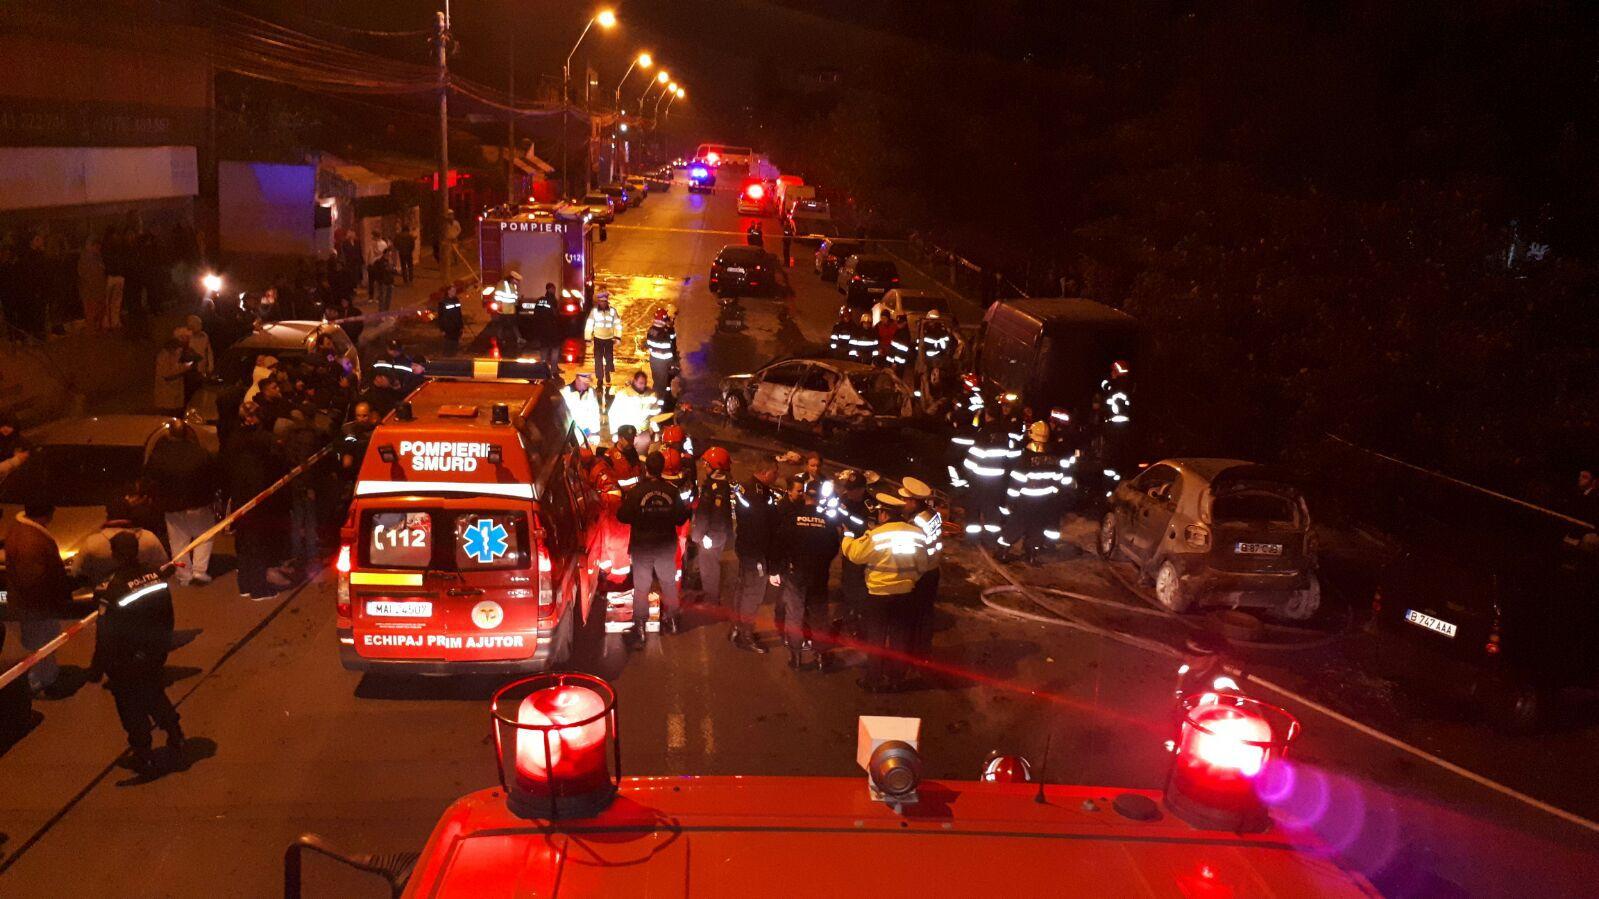 Bărbatul care a fugit de la accidentul de pe strada Baicului din Capitală, în urma căruia patru maşini au luat foc şi o persoană a murit, a fost reţinut